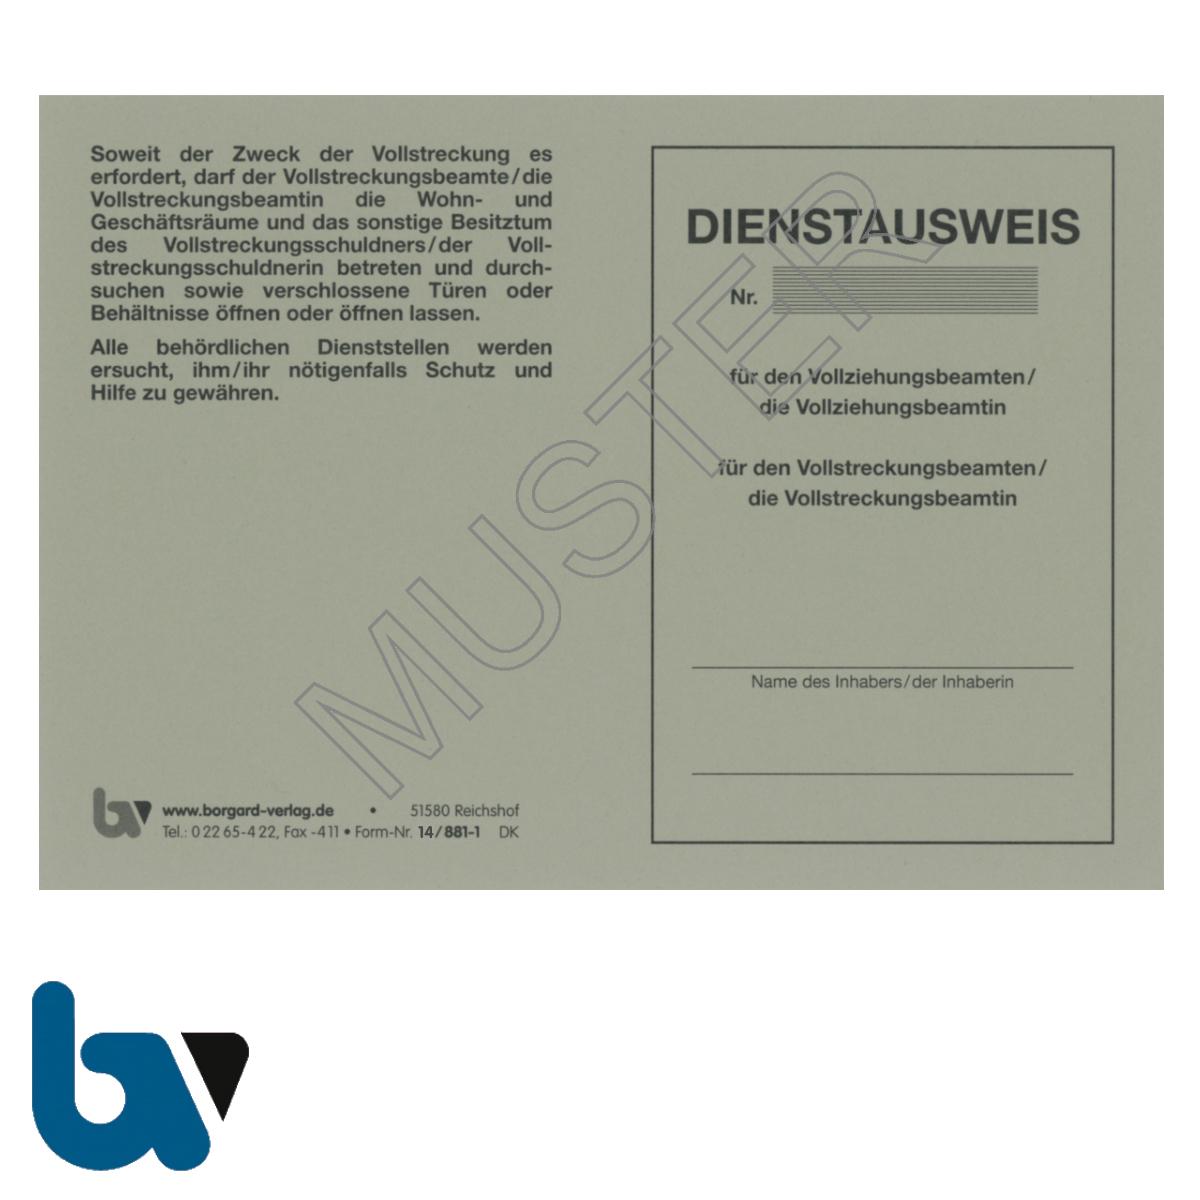 14/881-1 Dienstausweis Vollziehungs Vollstreckung Beamtin Beamter Sachsen-Anhalt Vollstreckungsmaßnahme bundesweit grau Neobond DIN A6 A7 Vorderseite | Borgard-Verlag GmbH